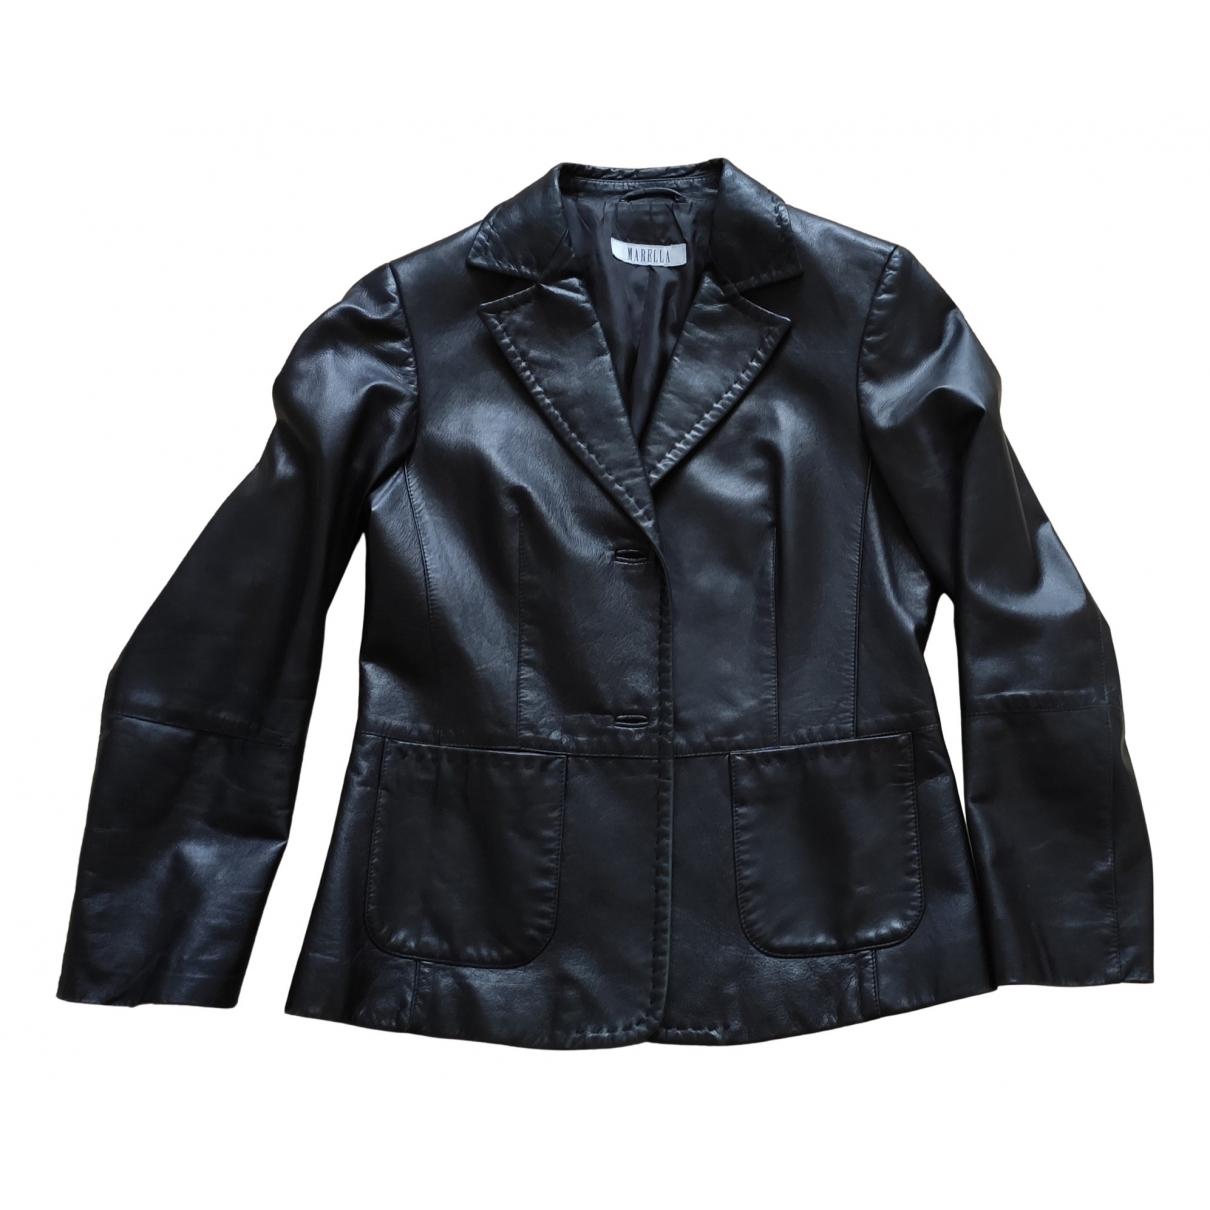 Marella - Veste   pour femme en cuir - noir